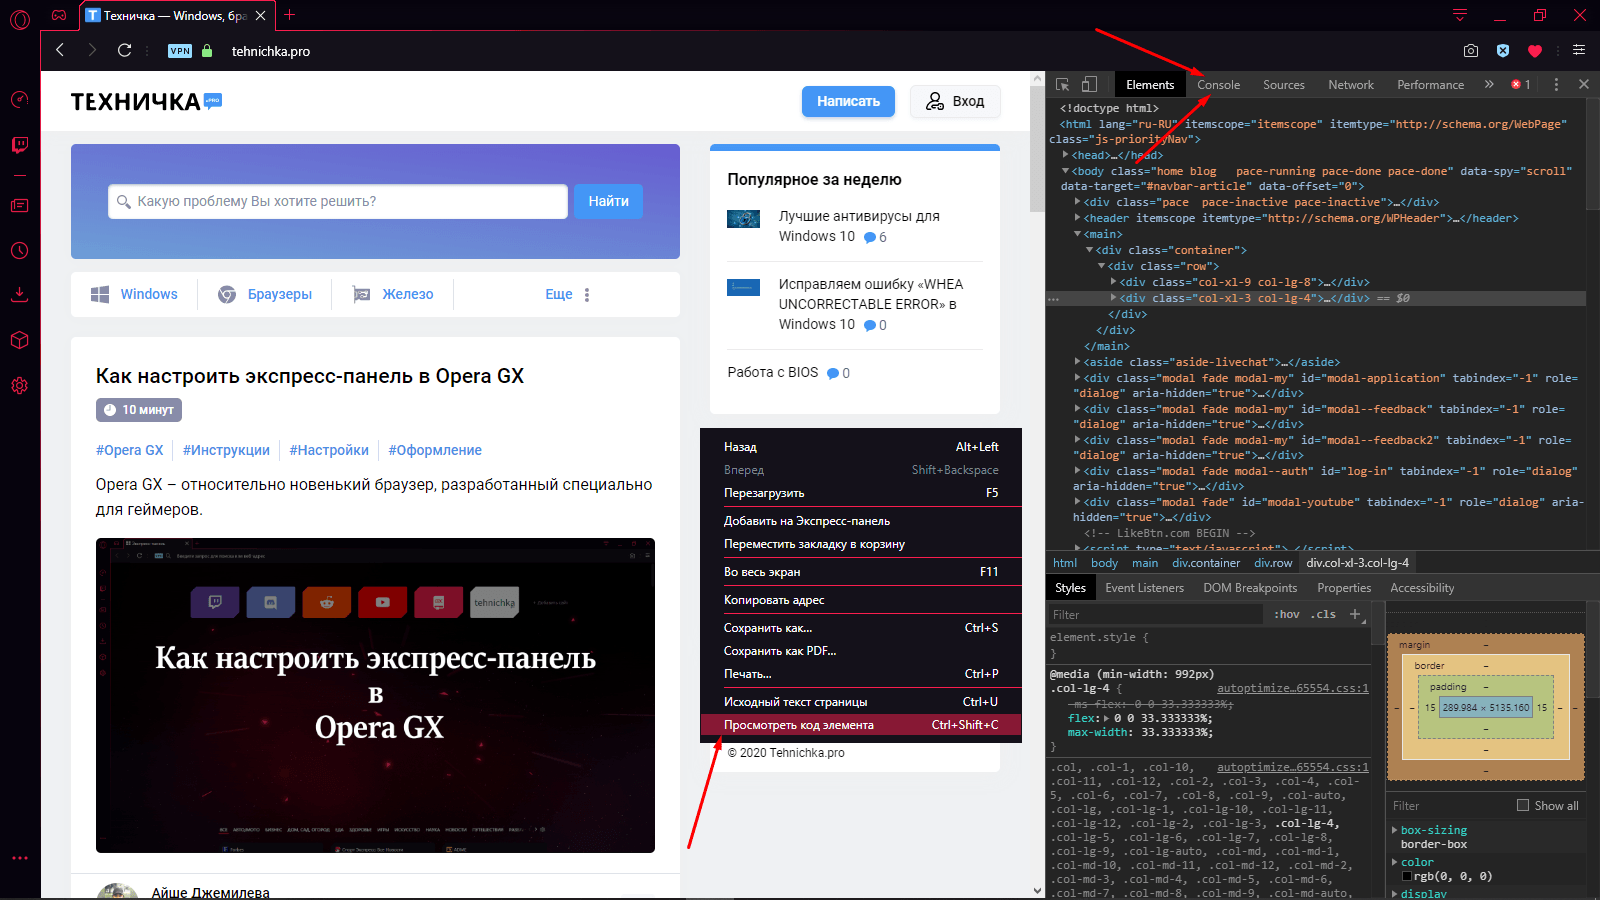 Открытие консоли через контекстное меню в браузере Opera GX